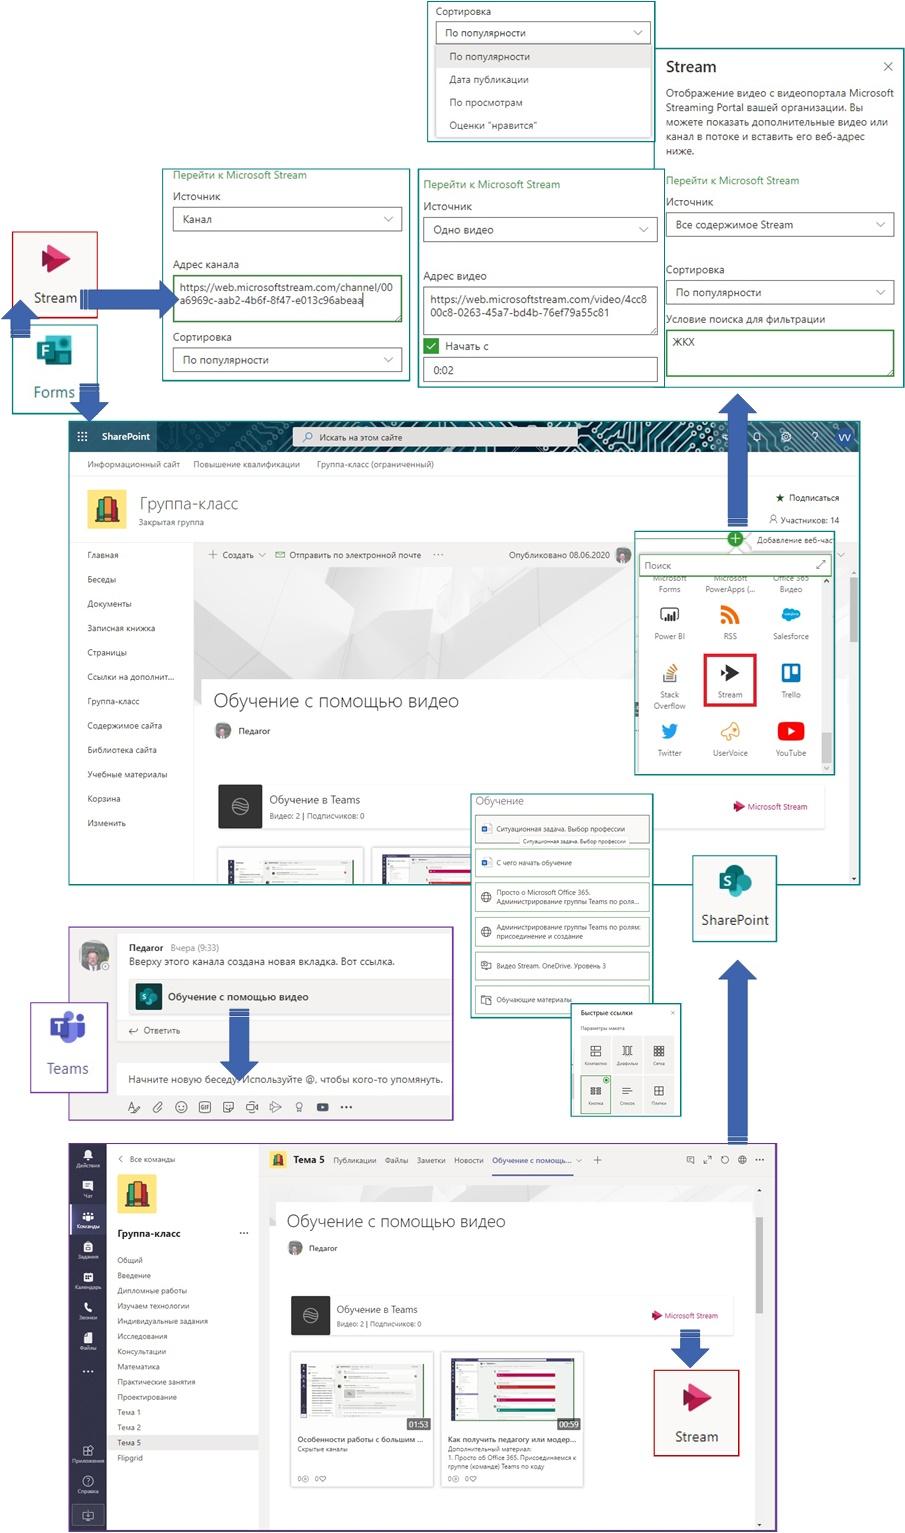 Вариант построения информационно-образовательной среды средствами Microsoft Teams, сайтов SharePoint и потокового видео Microsoft Stream